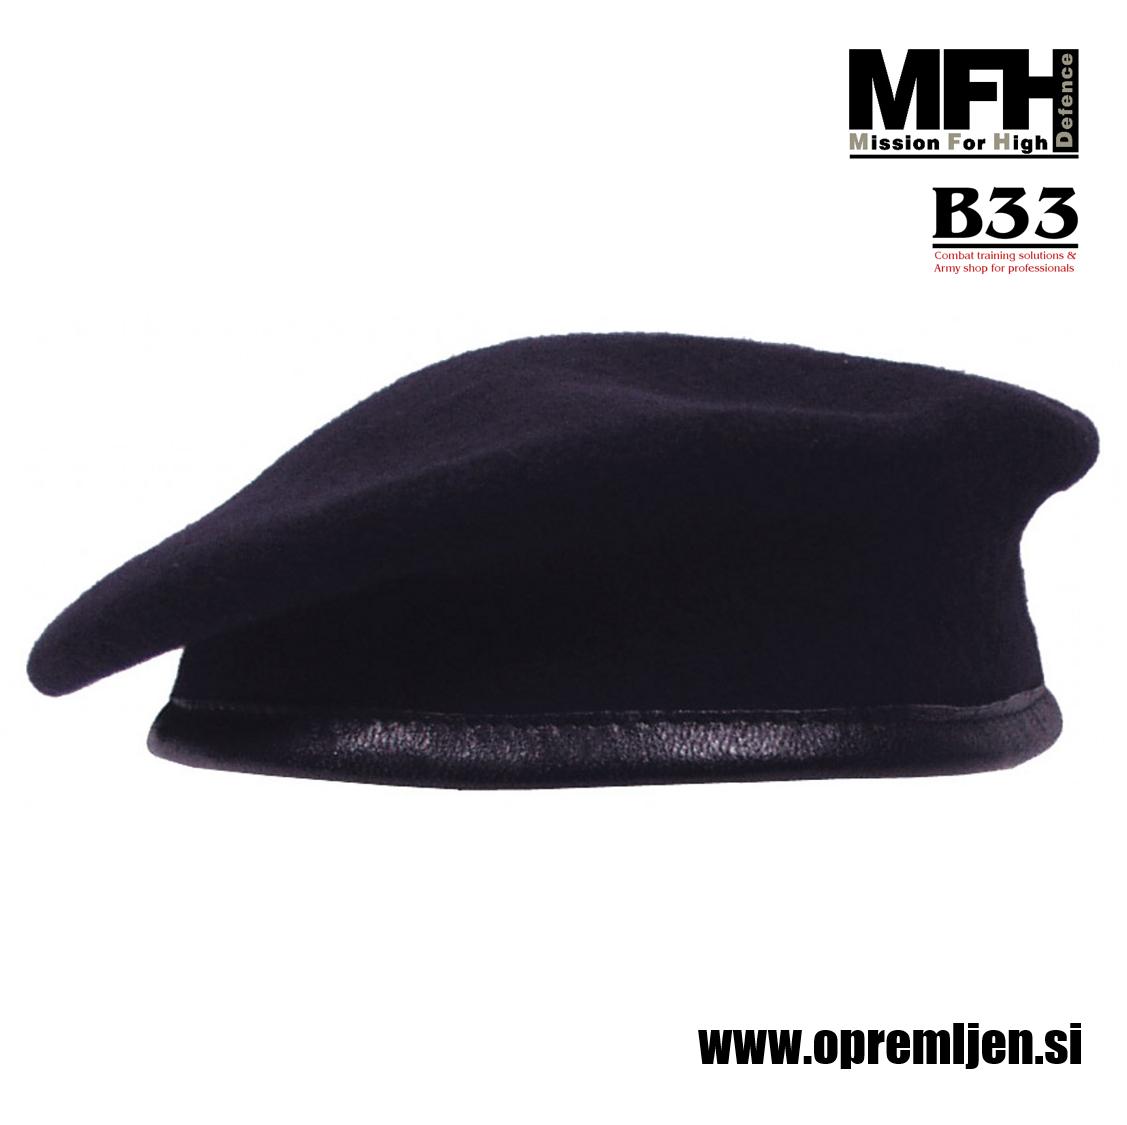 Vojaška baretka modre barve MFH (model francoska komando baretka) by B33 army shop at www.opremljen.si